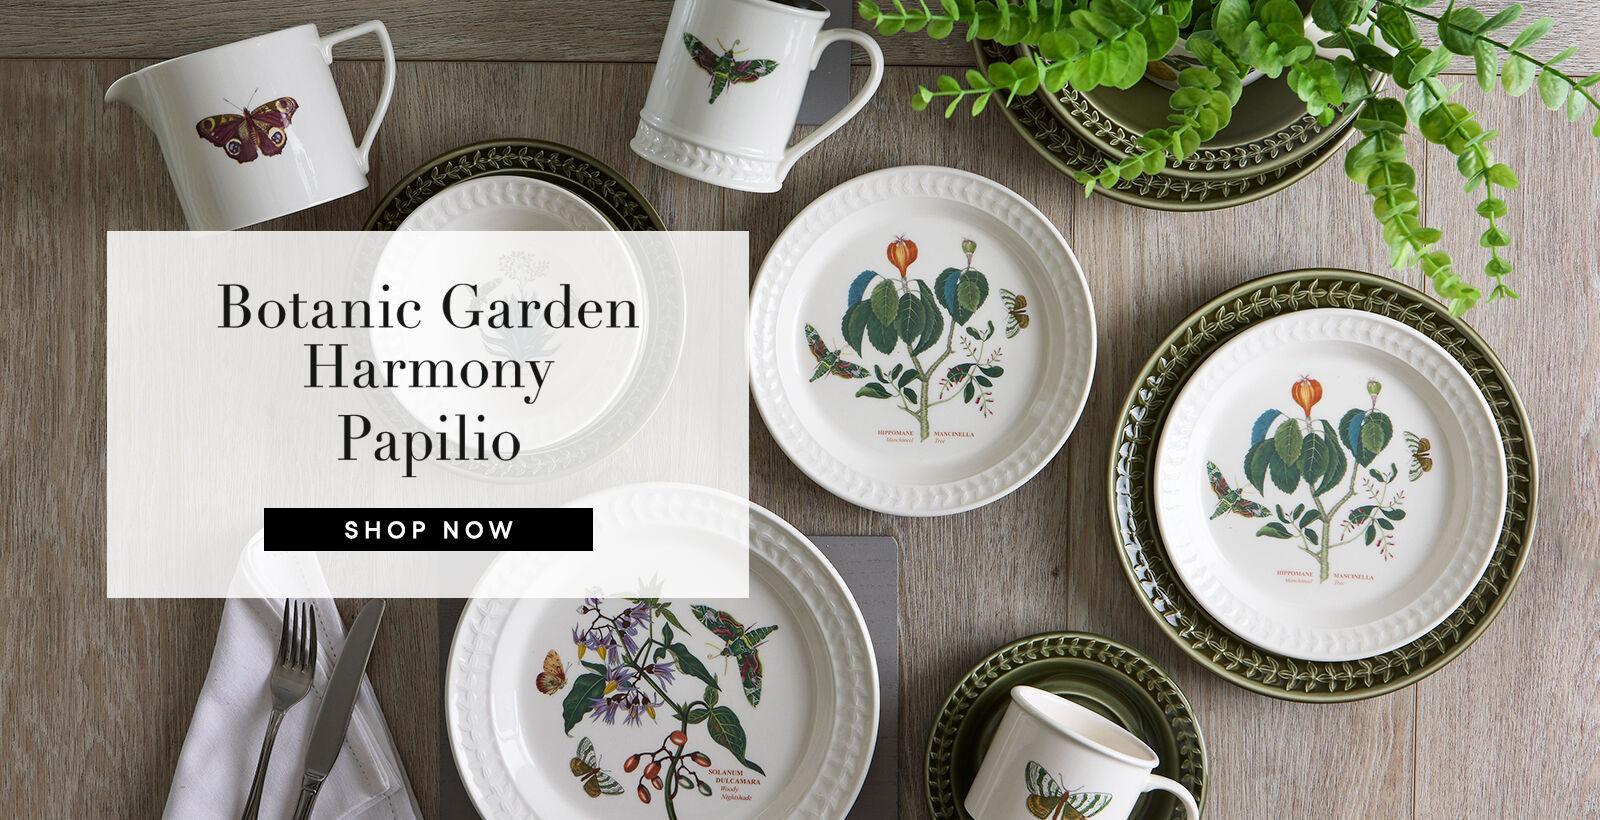 Shop Botanic GArden Harmony Papilio